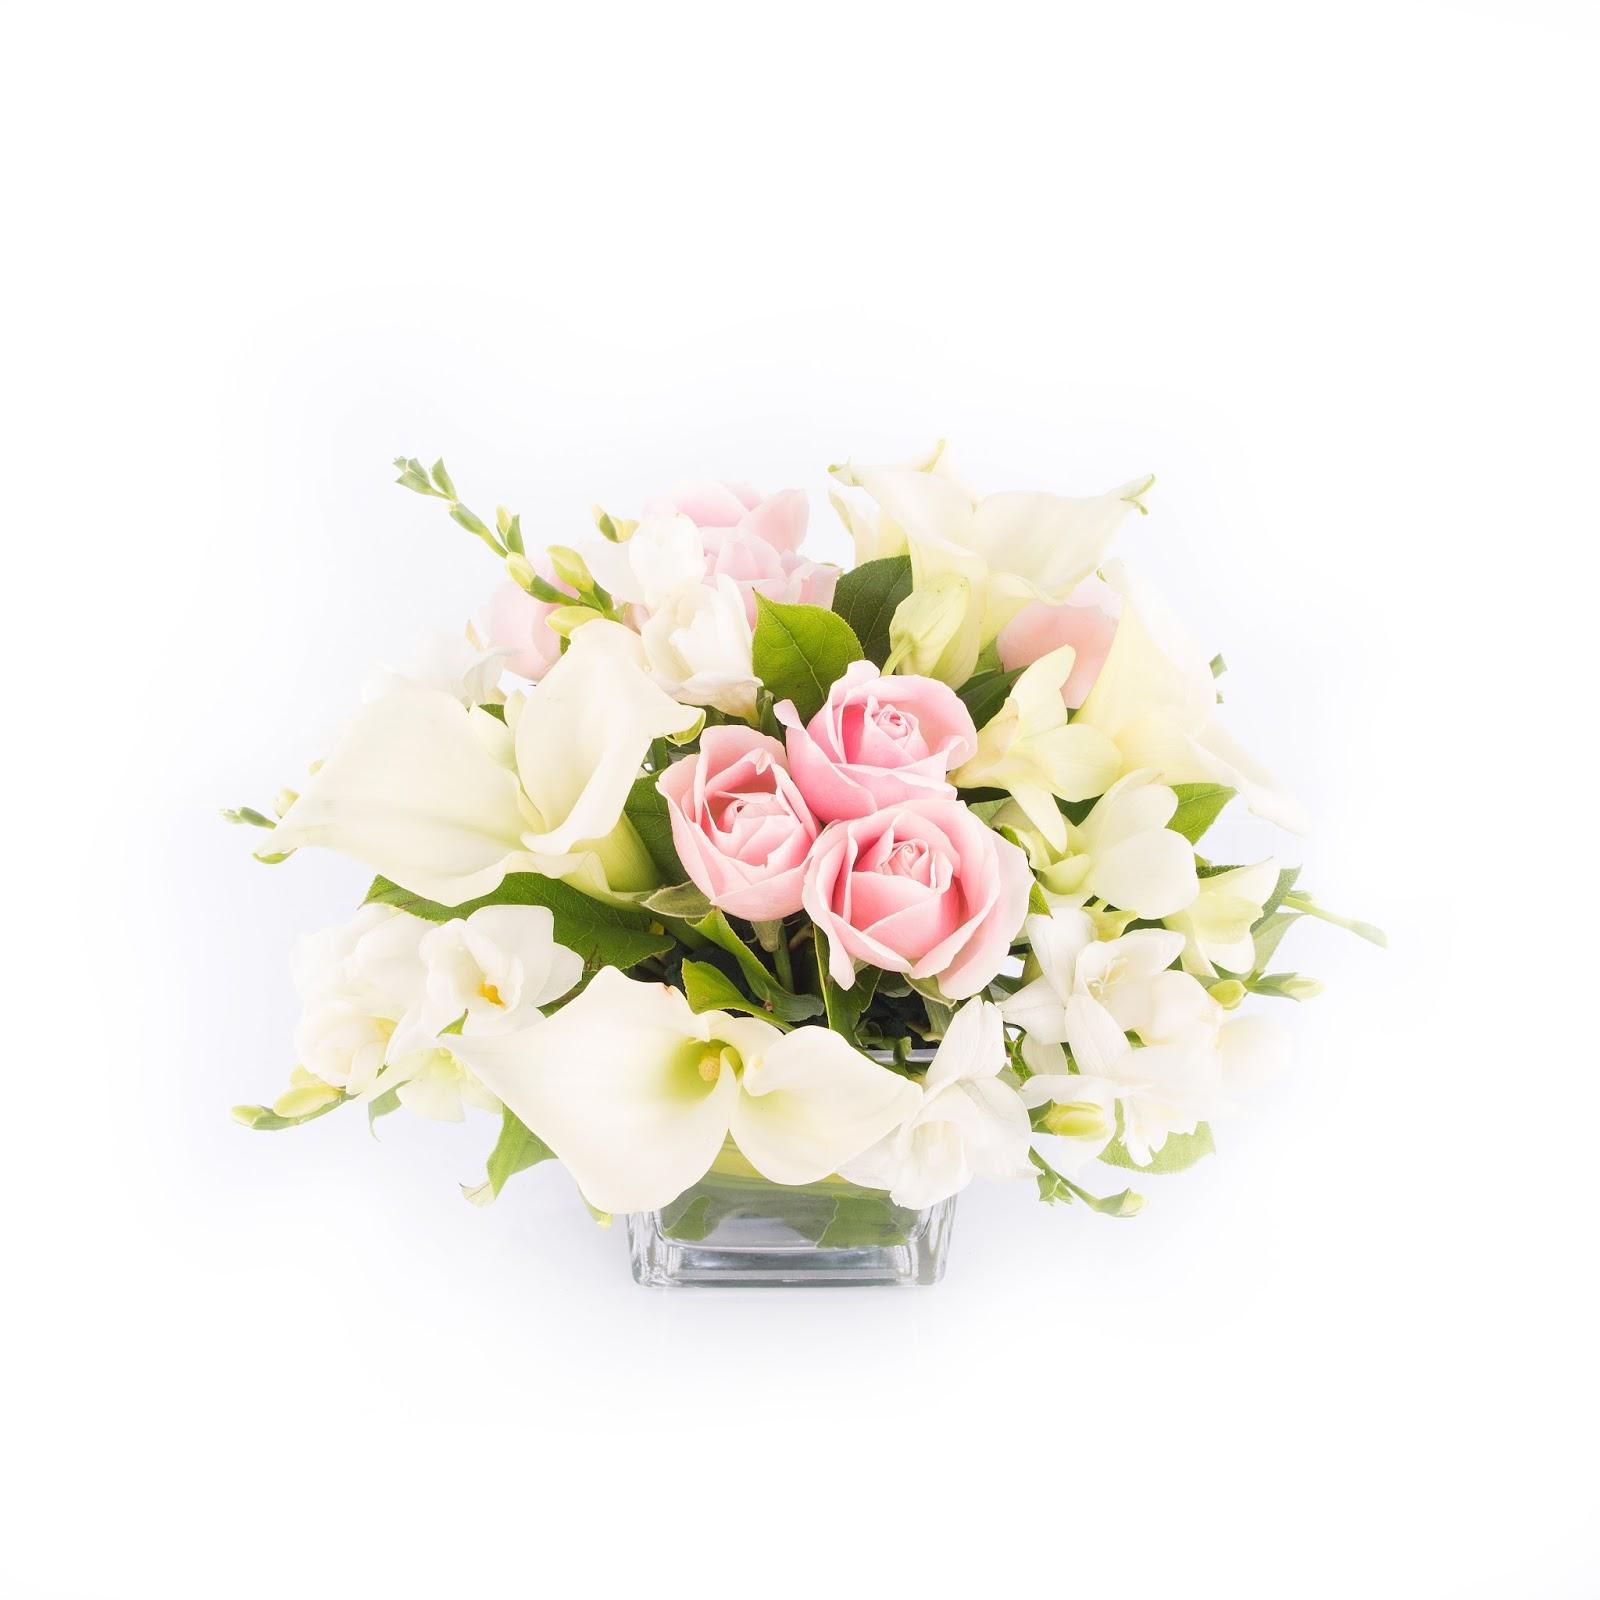 Calla lily online flower singapore calla lily izmirmasajfo